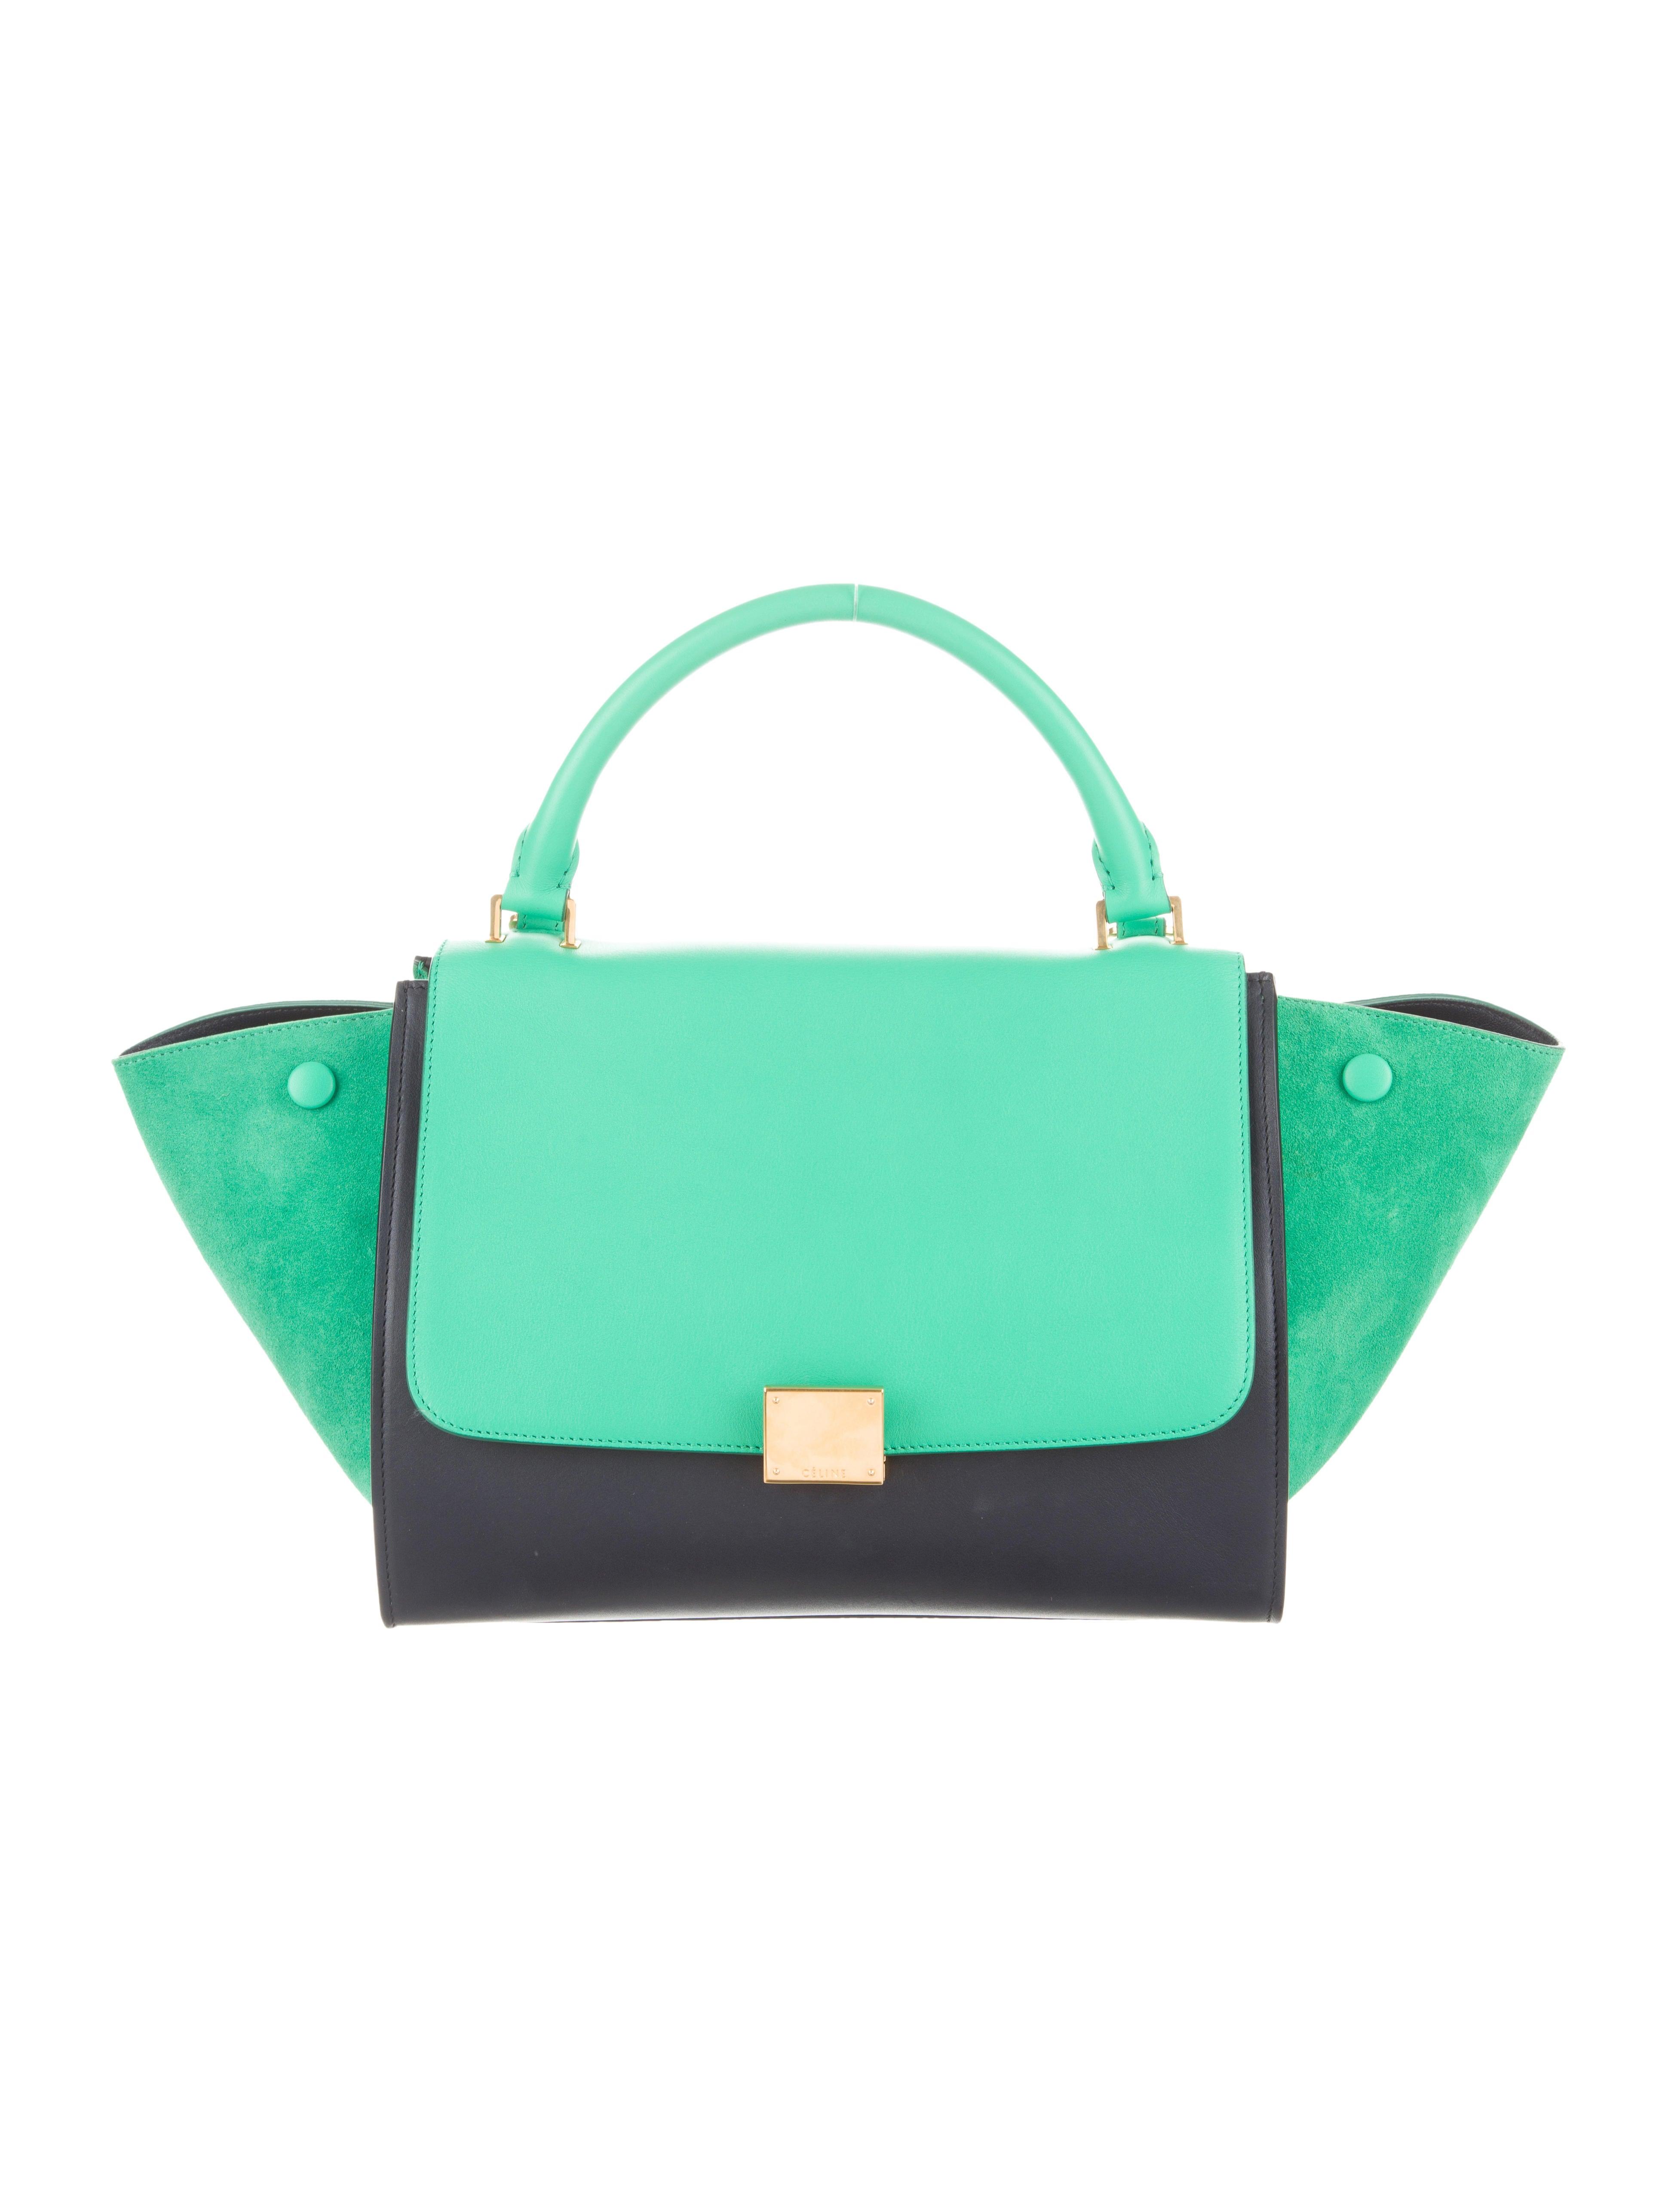 d934e62339 celine black bag online - C¨¦line Bicolor Mini Trapeze Bag - Handbags -